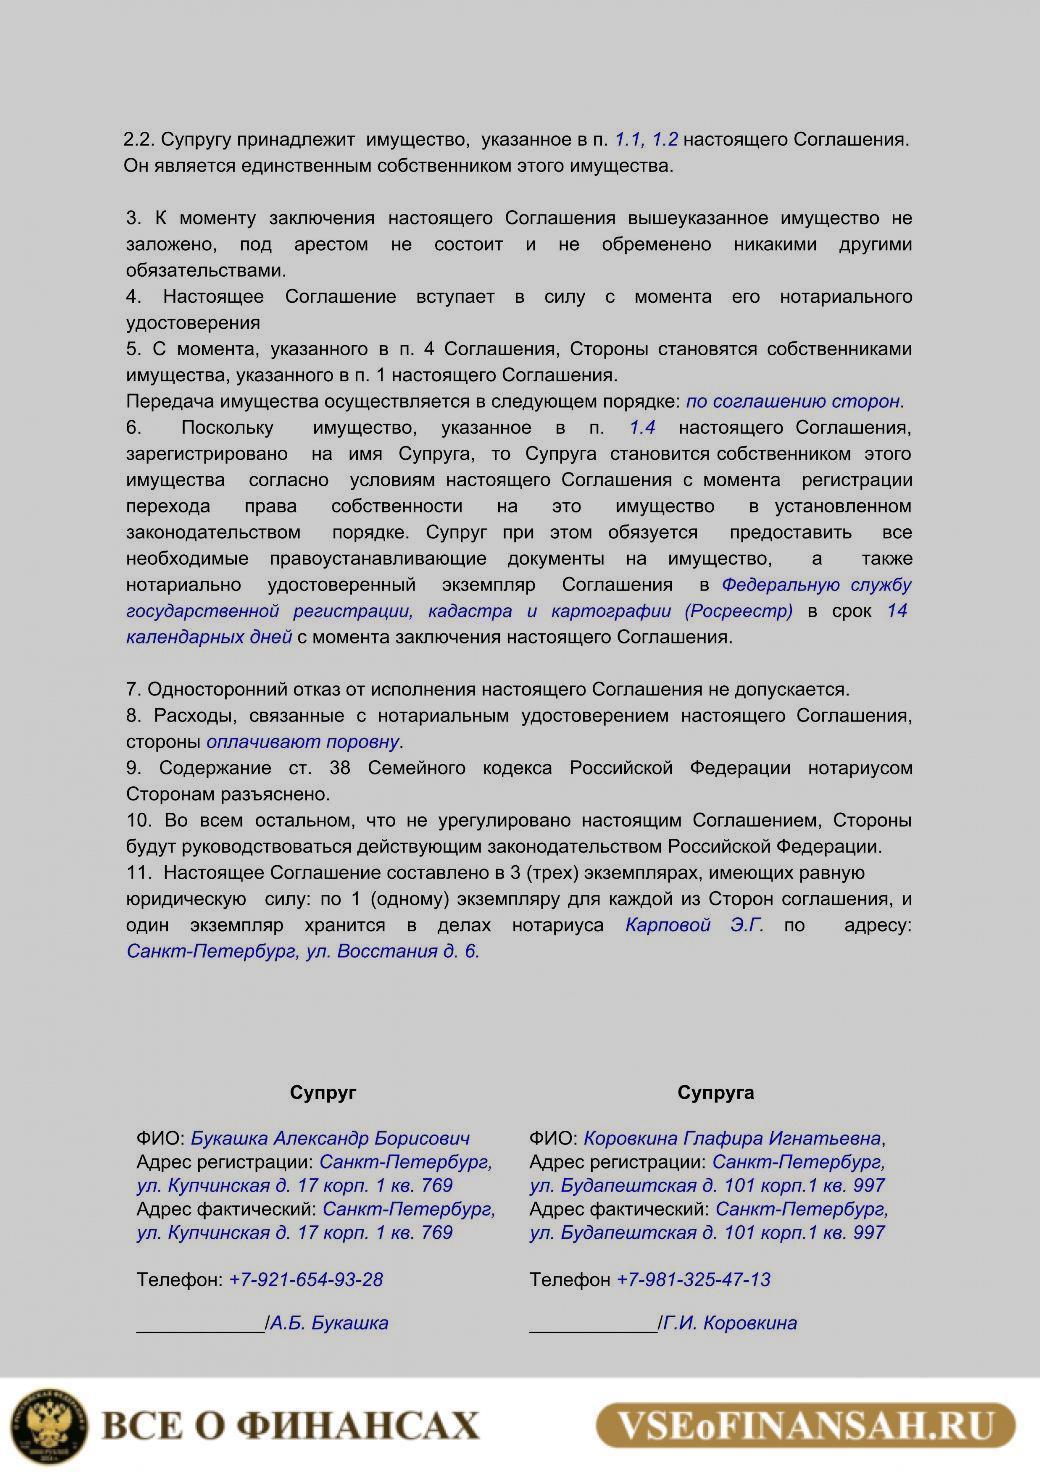 https://nedexpert.ru/wp-content/uploads/2018/01/soglashenie-o-razdele-imushhestva-suprugov-1.jpg